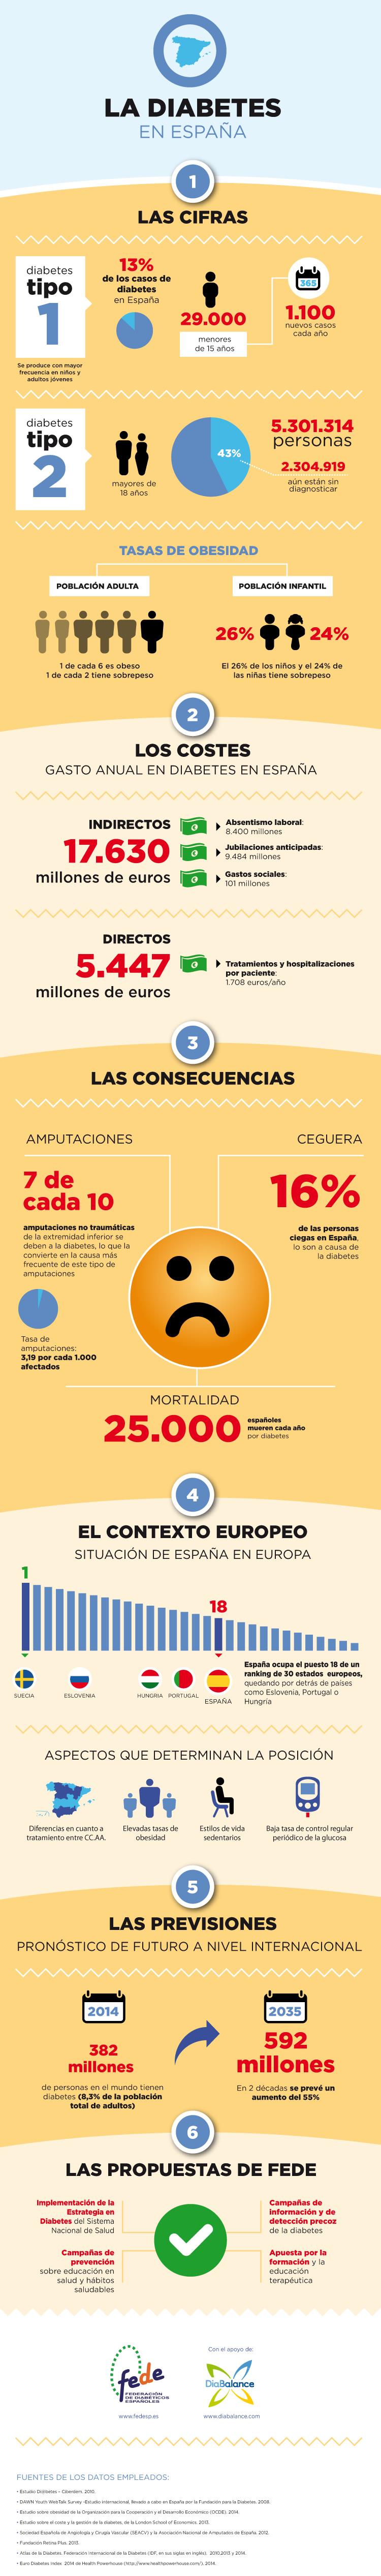 La Diabetes en España. Infografía sobre la situación de la diabetes en España realizada por DiaBalance y la Federación de Diabéticos Españoles (FEDE) con motivo del Día Mundial de la Diabetes 2014